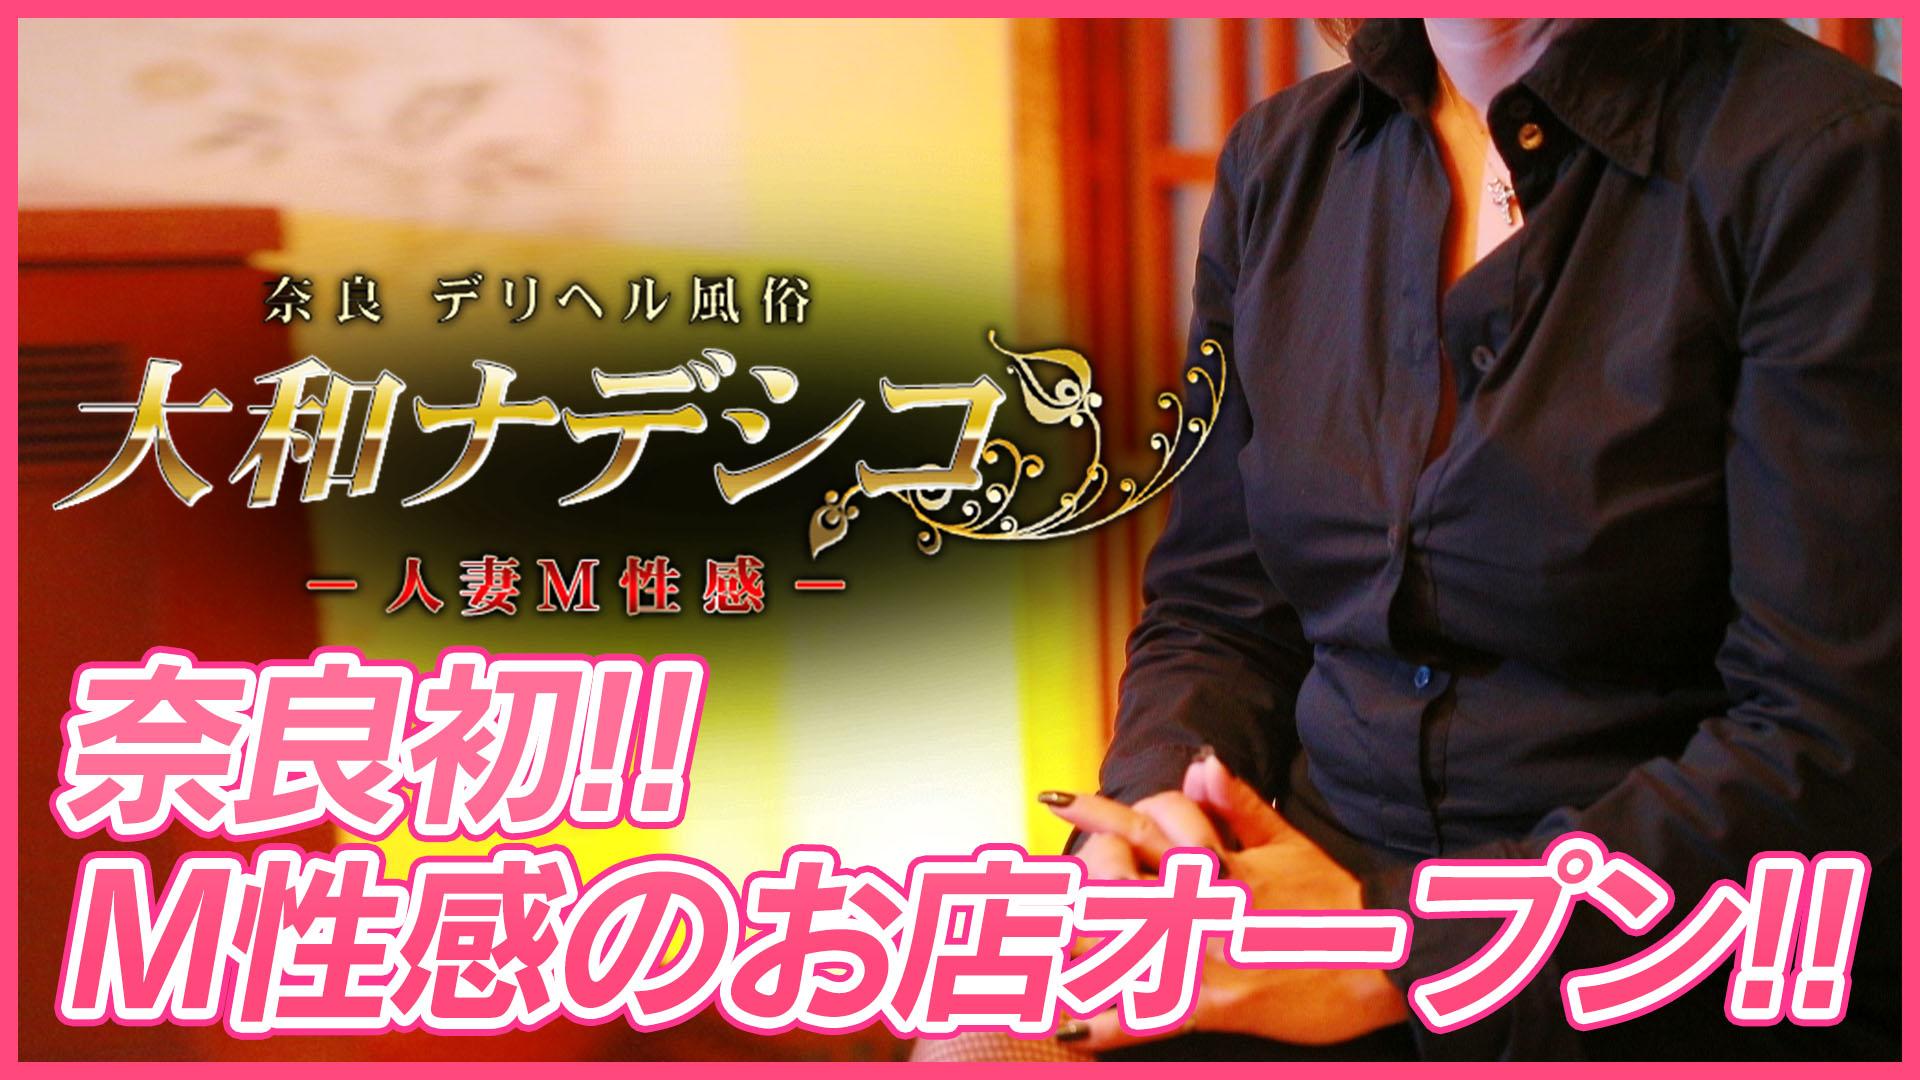 愛澤レイさんの求人インタビューです♪